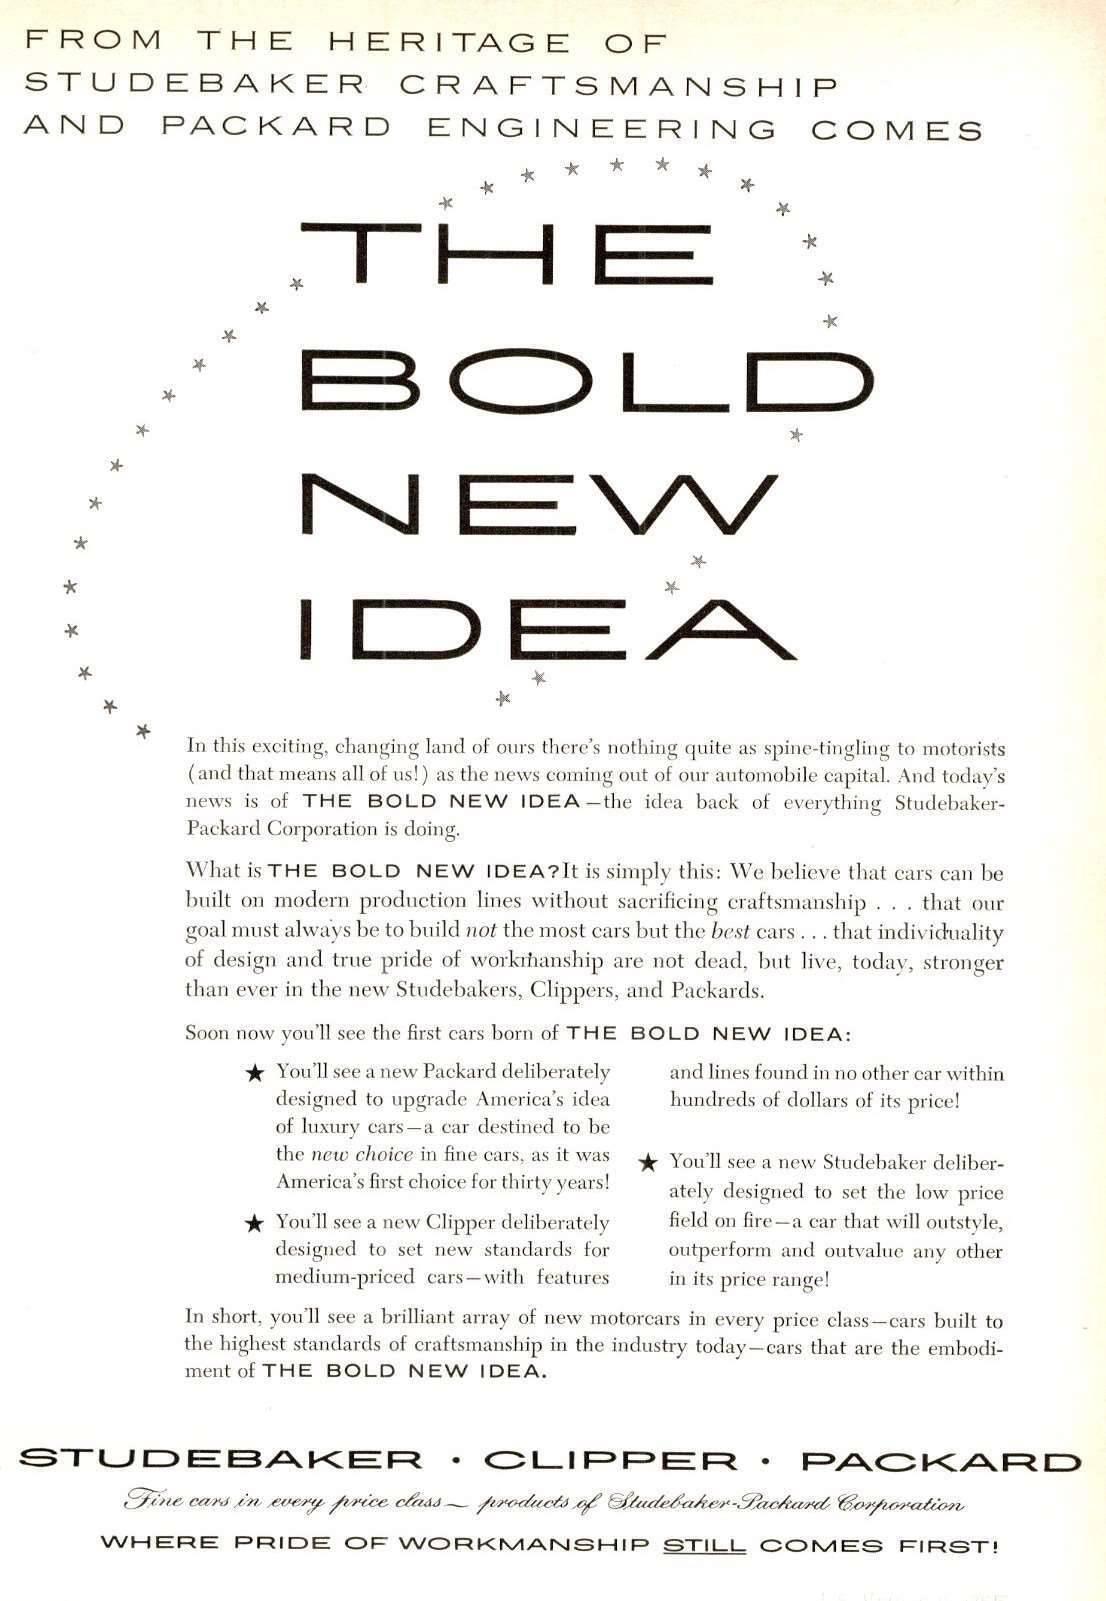 Packard-Studebaker The Bold New Idea Advertisement